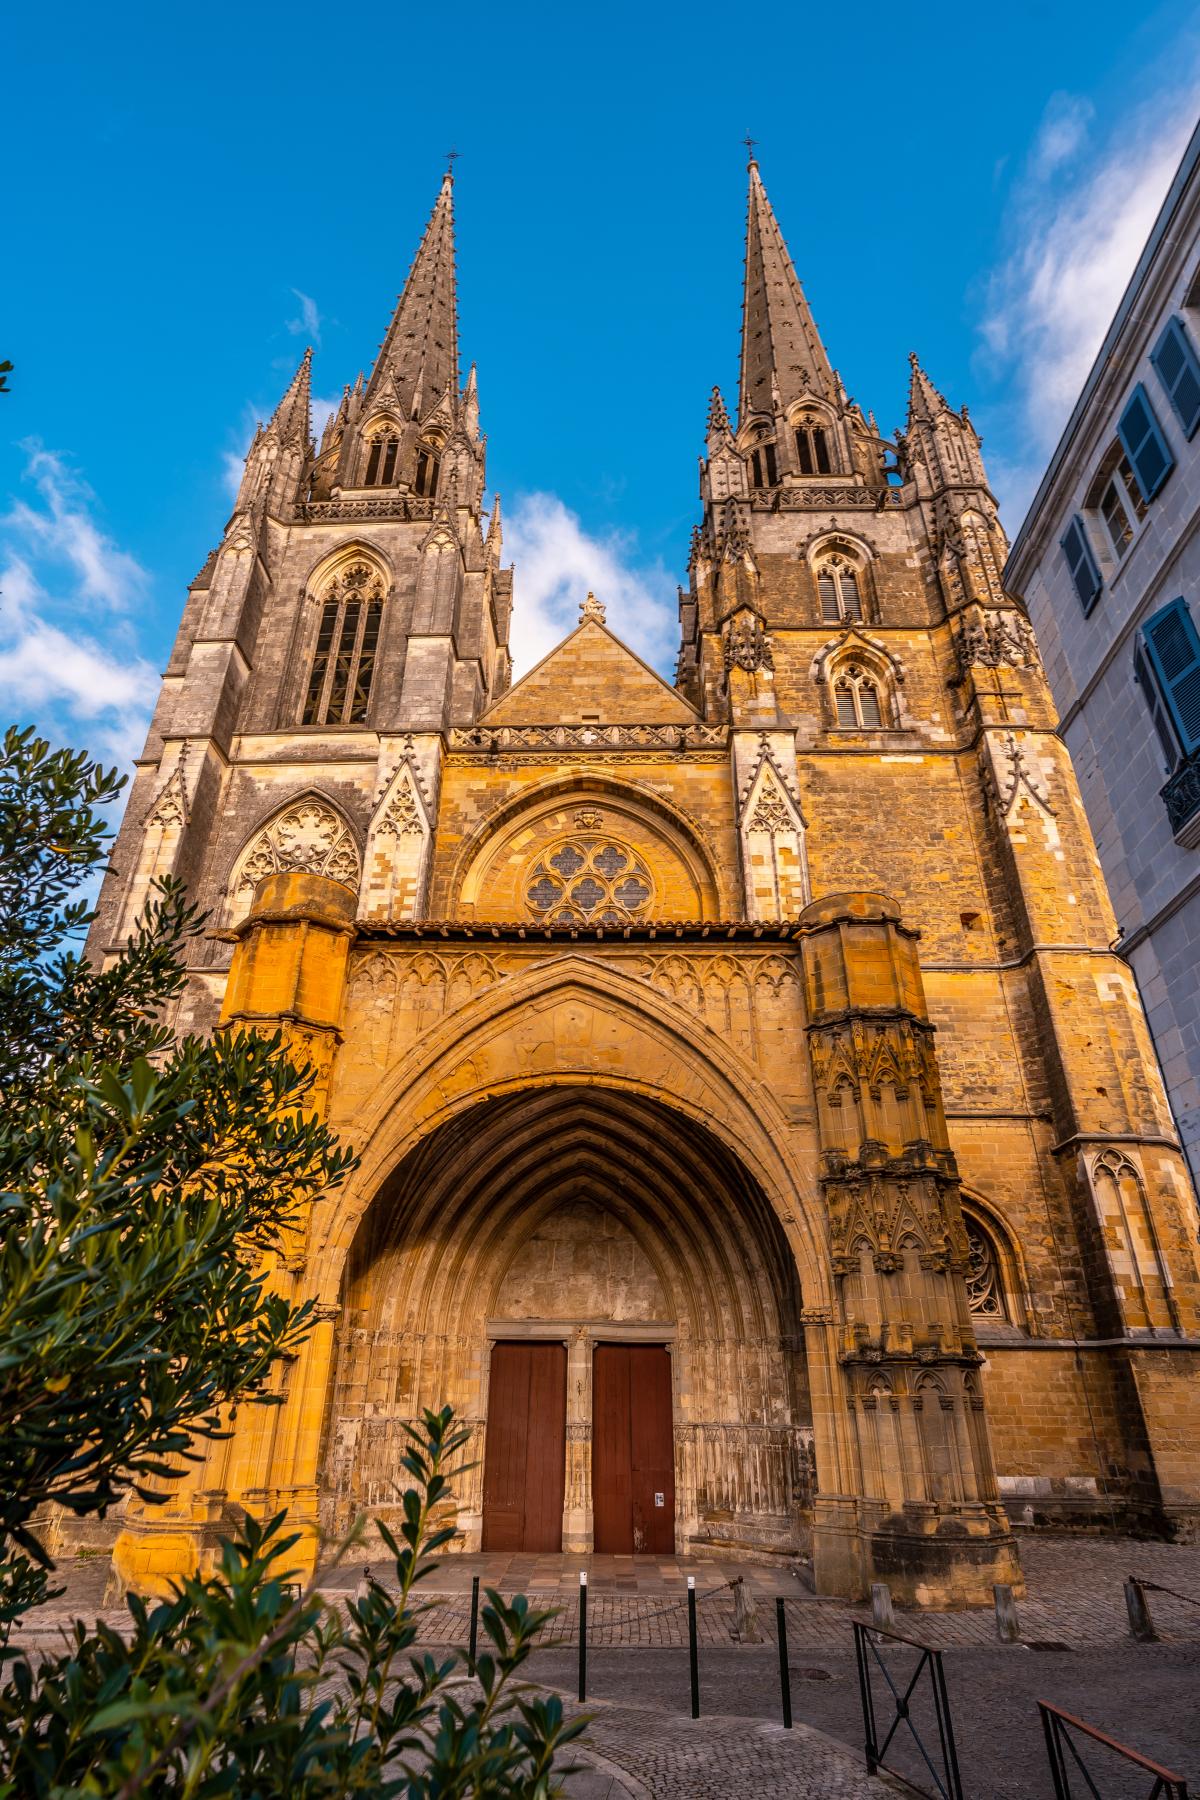 Eglise Sainte Marie de Bayonne